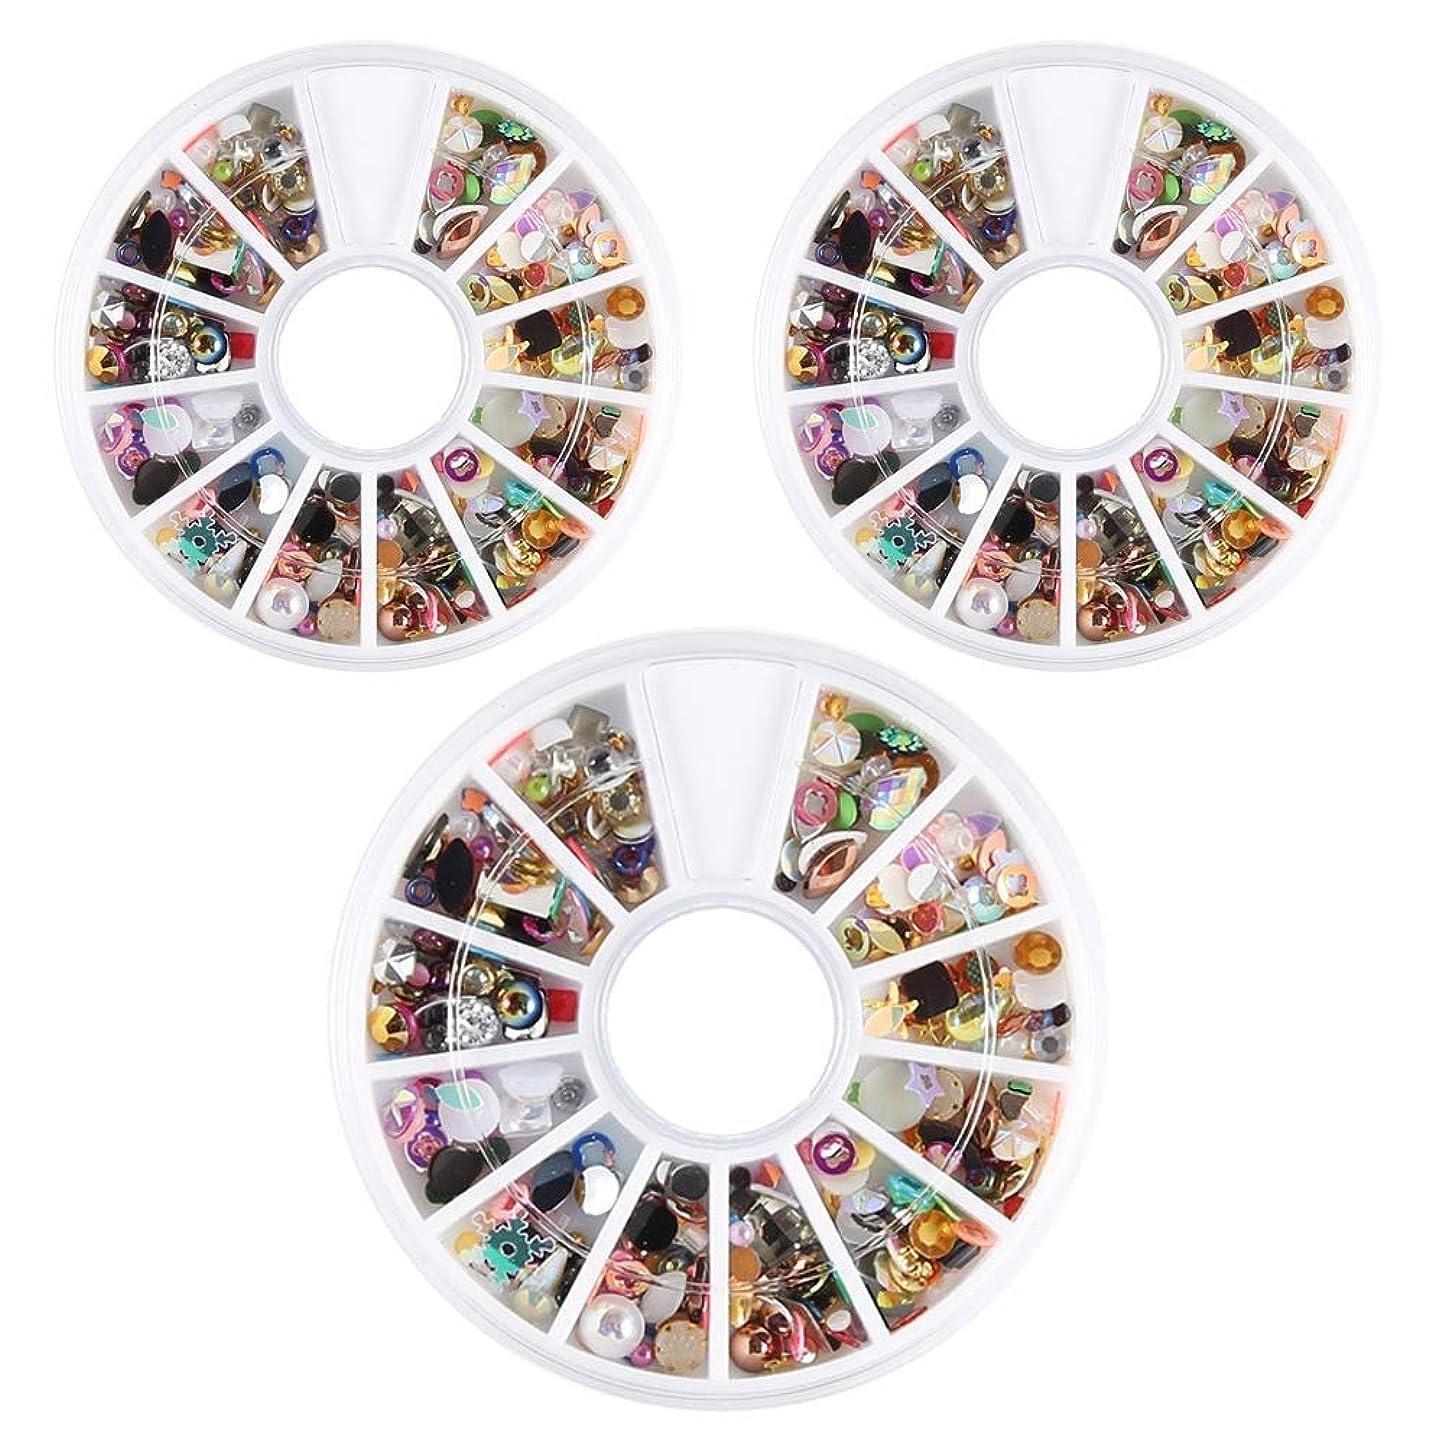 ネイルパーツ ネイルパーツ 3D ネイルアートデコレーション DIY ネイルデザイン ミックスパーツ カラフルな宝石 3ボックスセット ハンドメイド材料